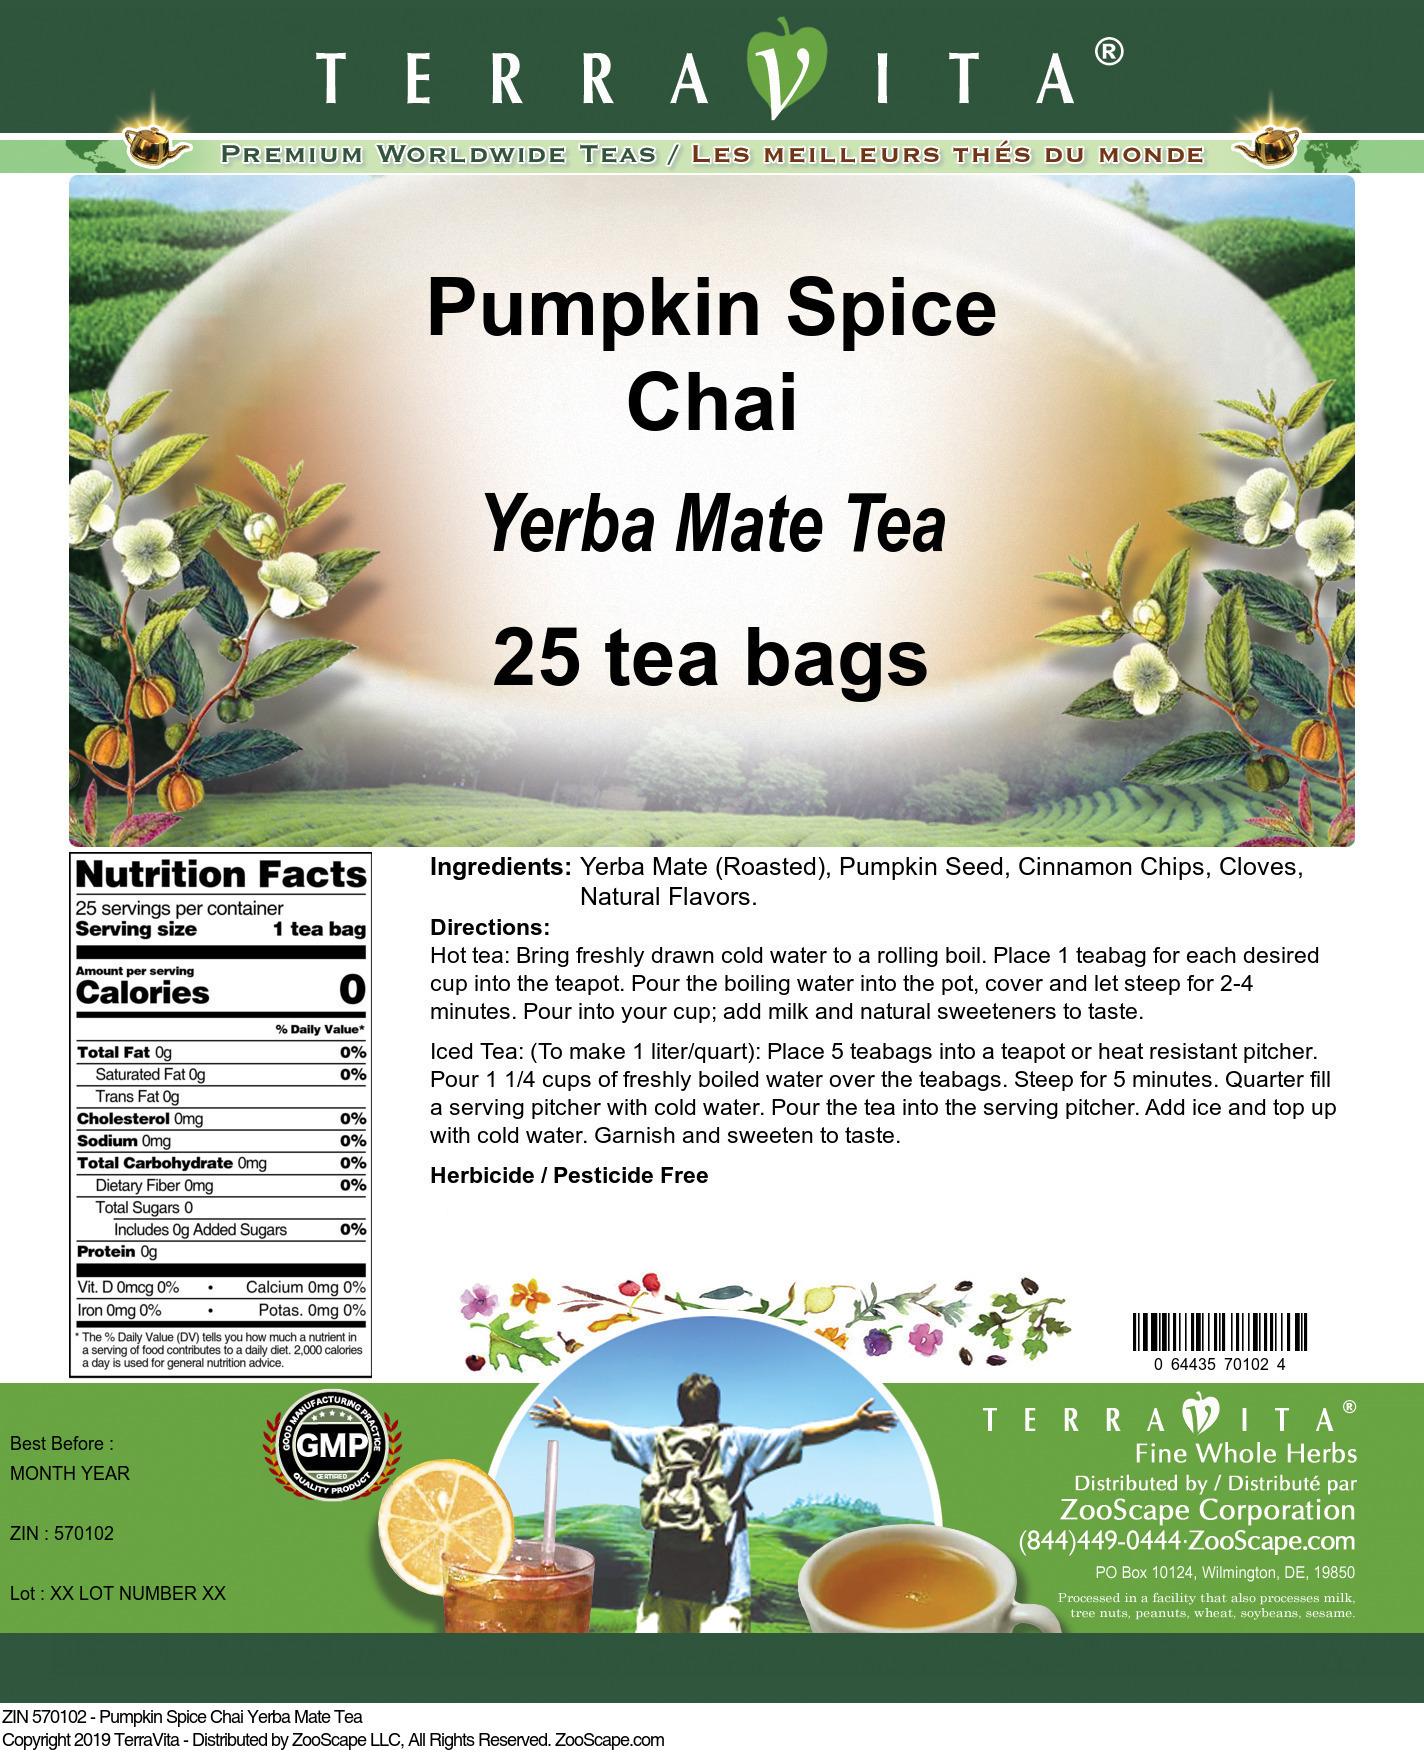 Pumpkin Spice Chai Yerba Mate